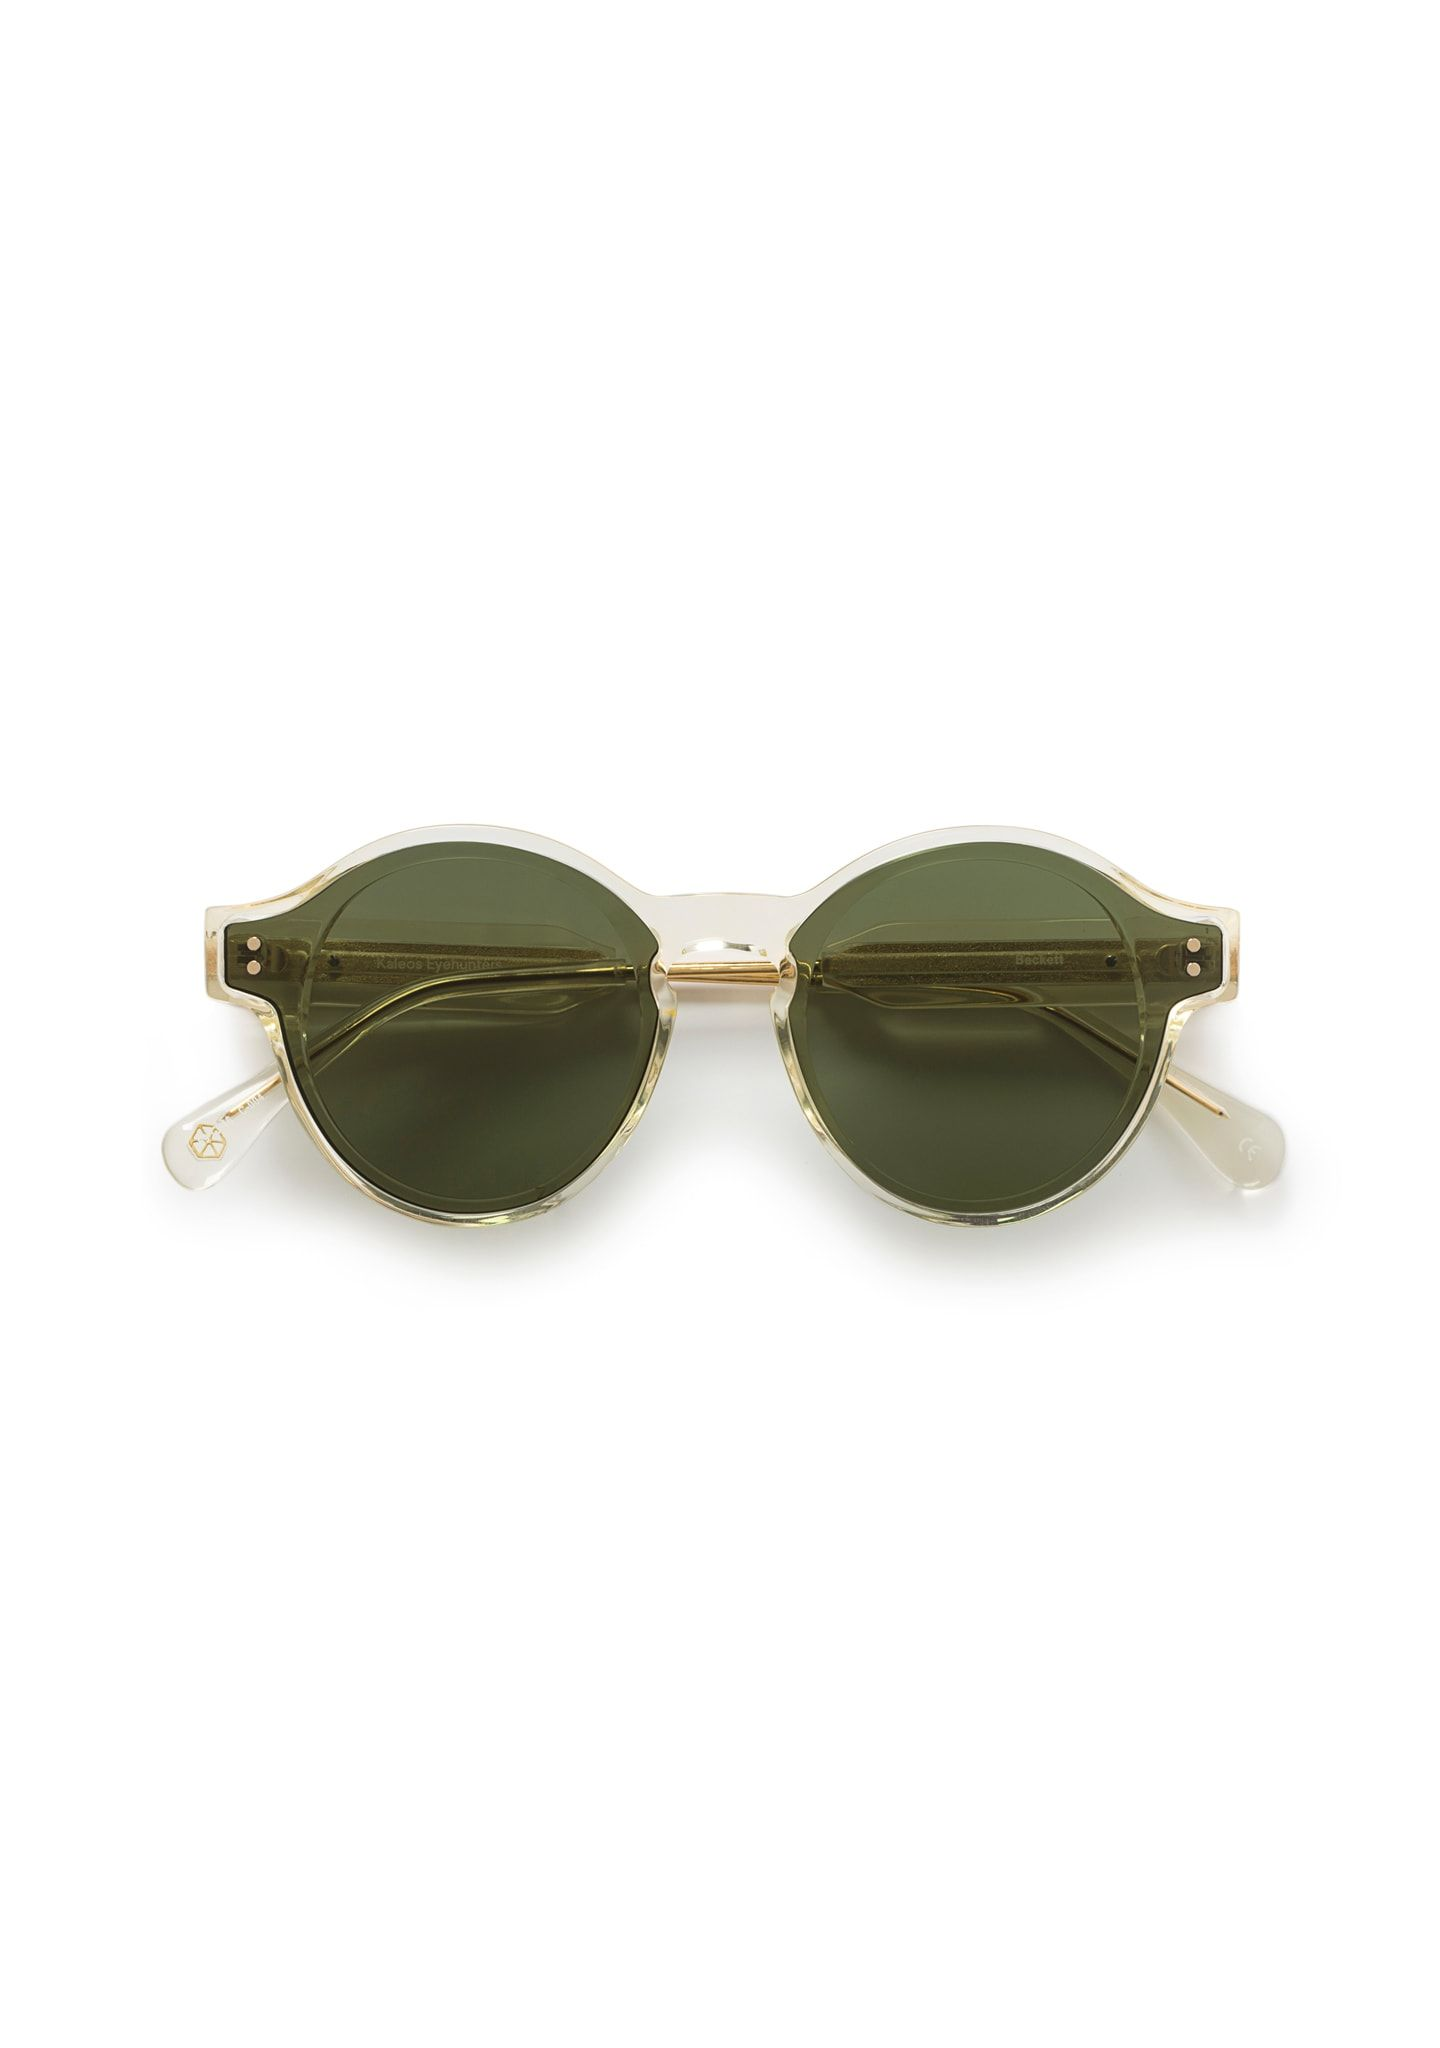 28c0da8924 CGID E01 Pequeño Estilo Vintage Retro Lennon inspirado círculo metálico  redondo gafas de sol polarizadas para hombres y mujeres | Makeup |  Sunglasses case, ...